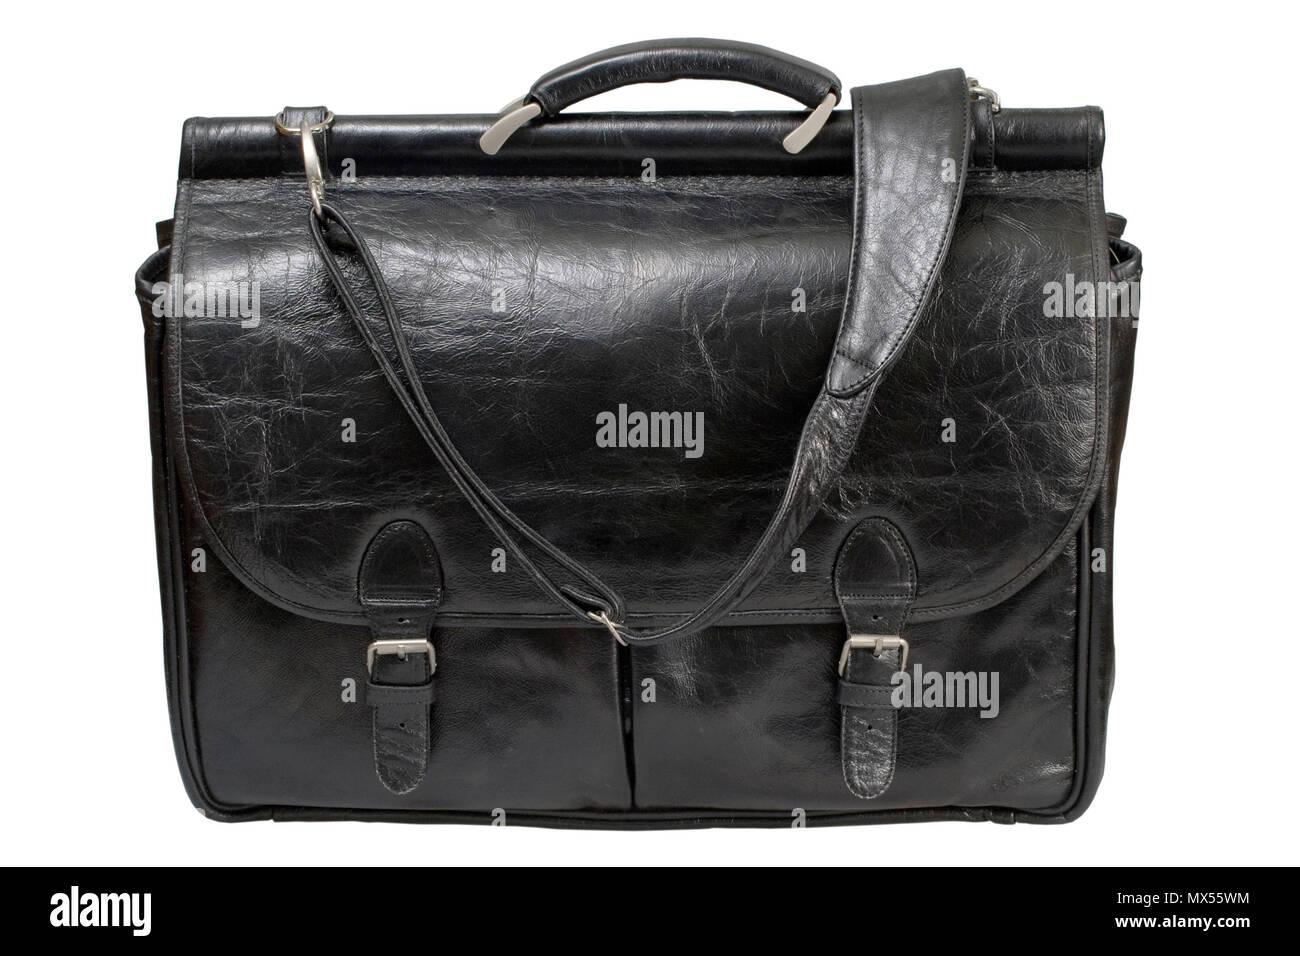 f3d5d0d4d2248 Schwarz Leder tasche Corporate isoliert auf weißem Hintergrund ...